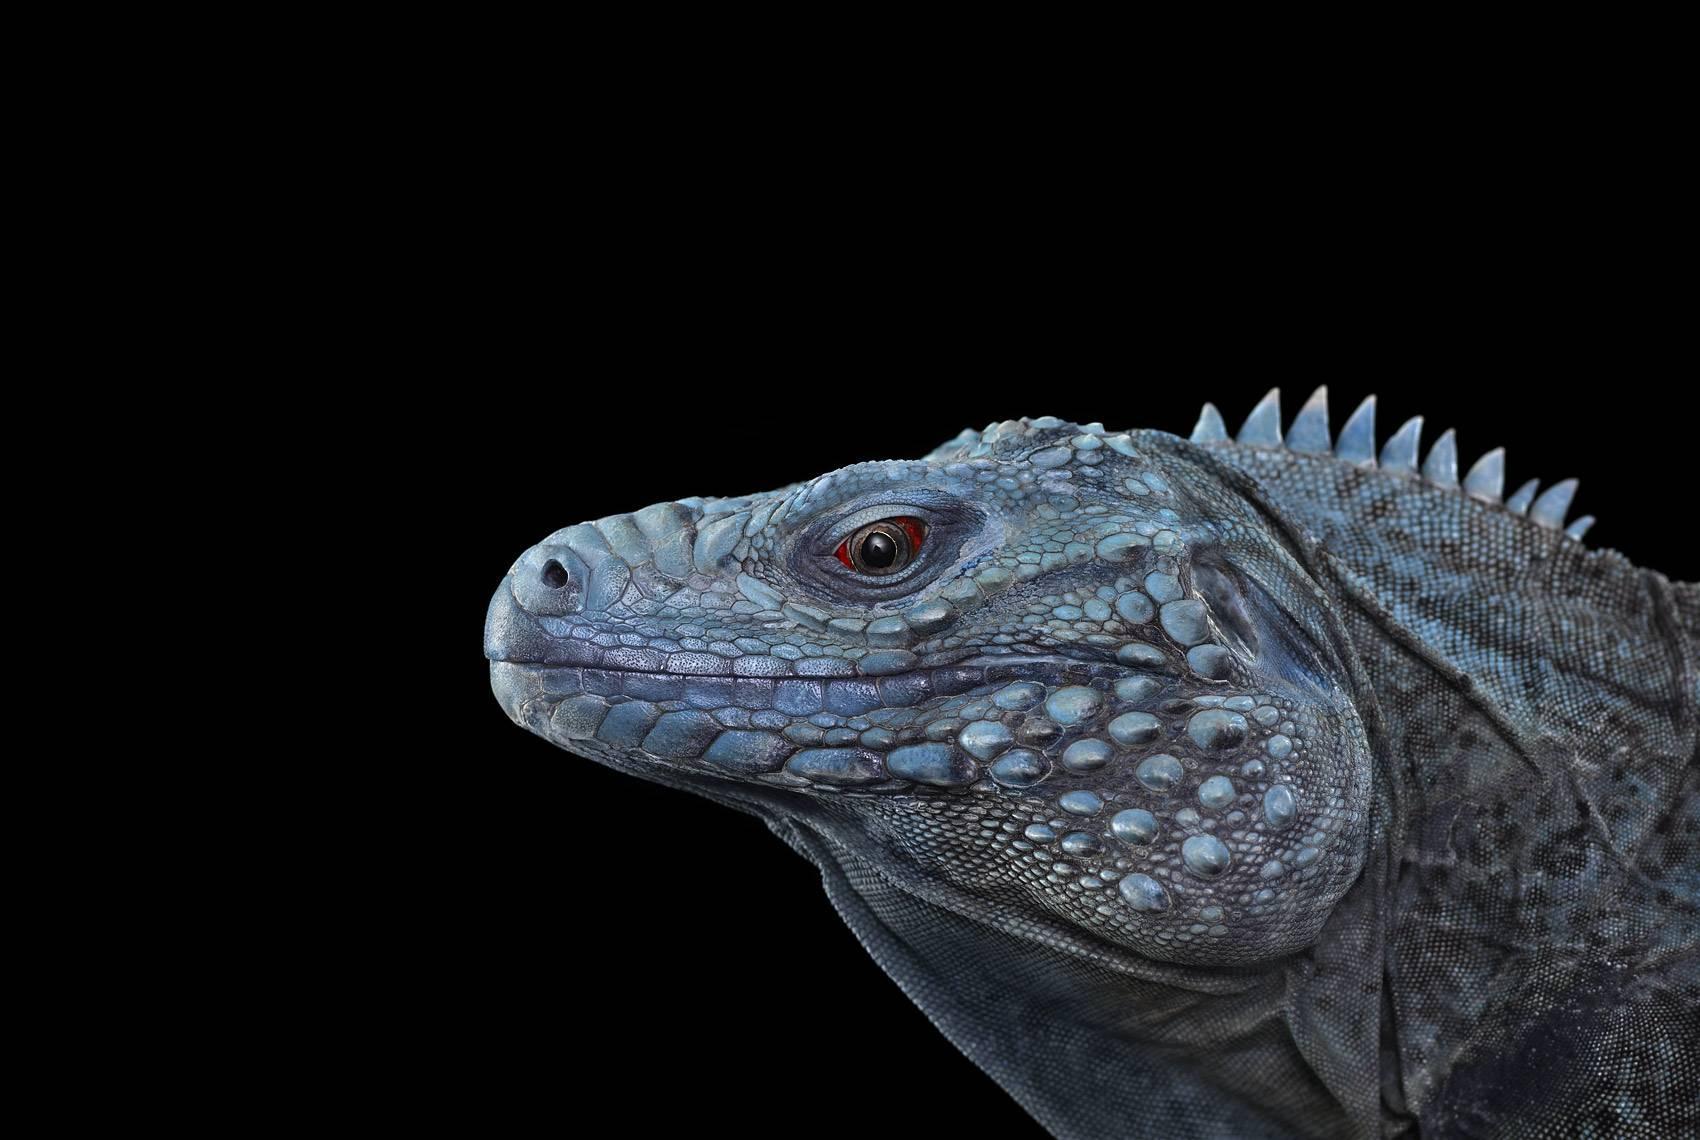 Blue Iguana For Sale : Brad wilson grand cayman blue iguana albuquerque nm